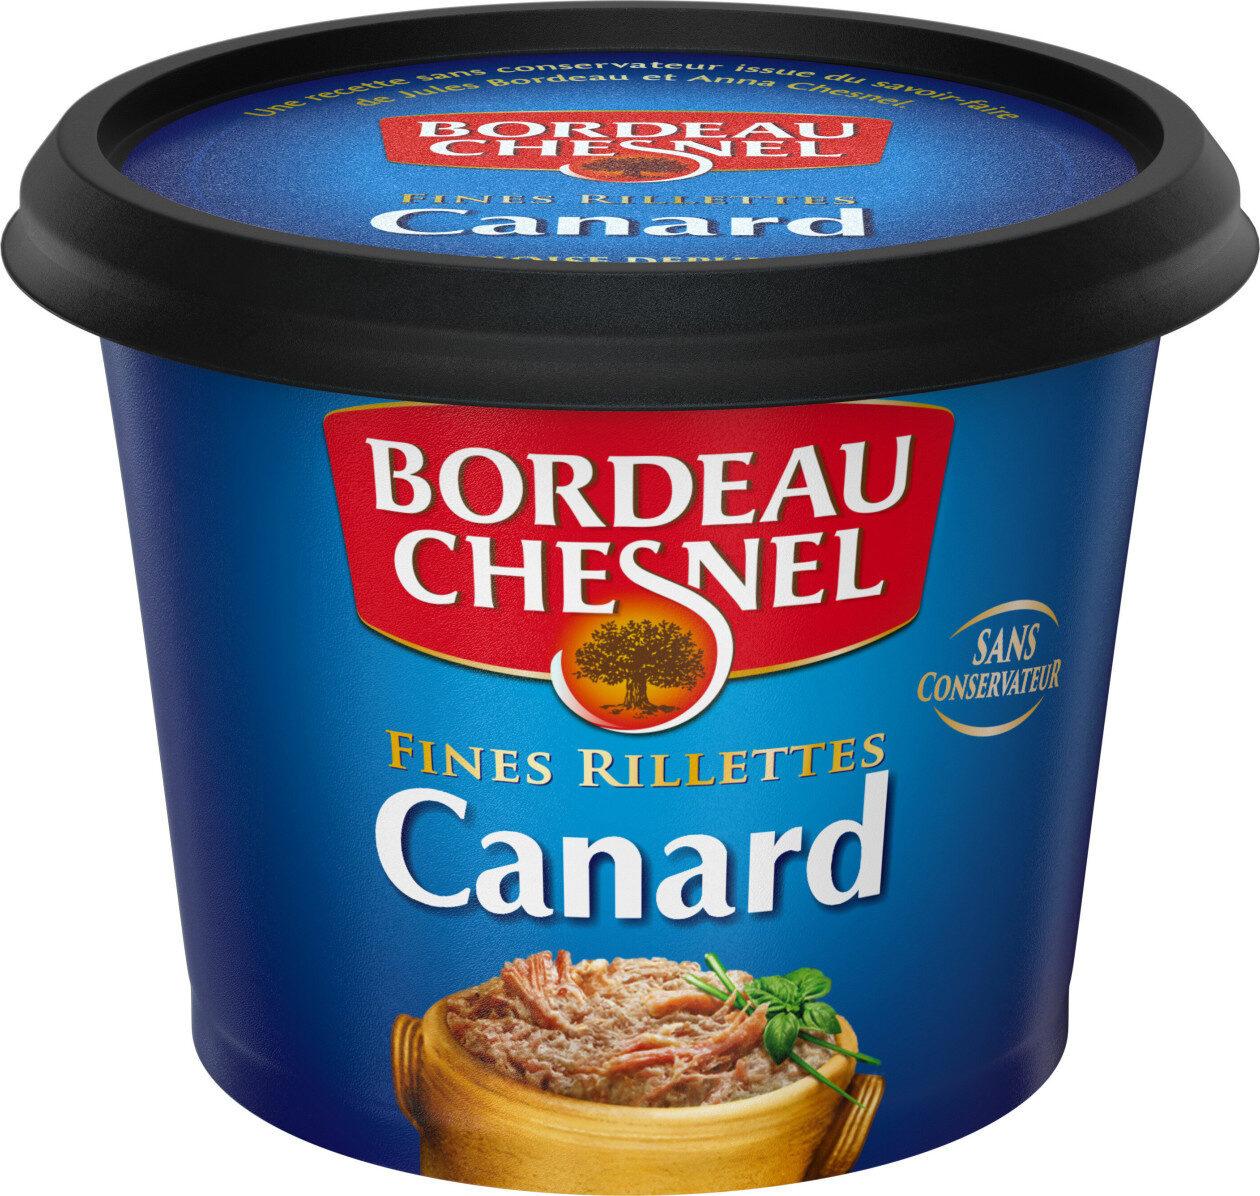 Fines rillettes Canard - Produit - fr